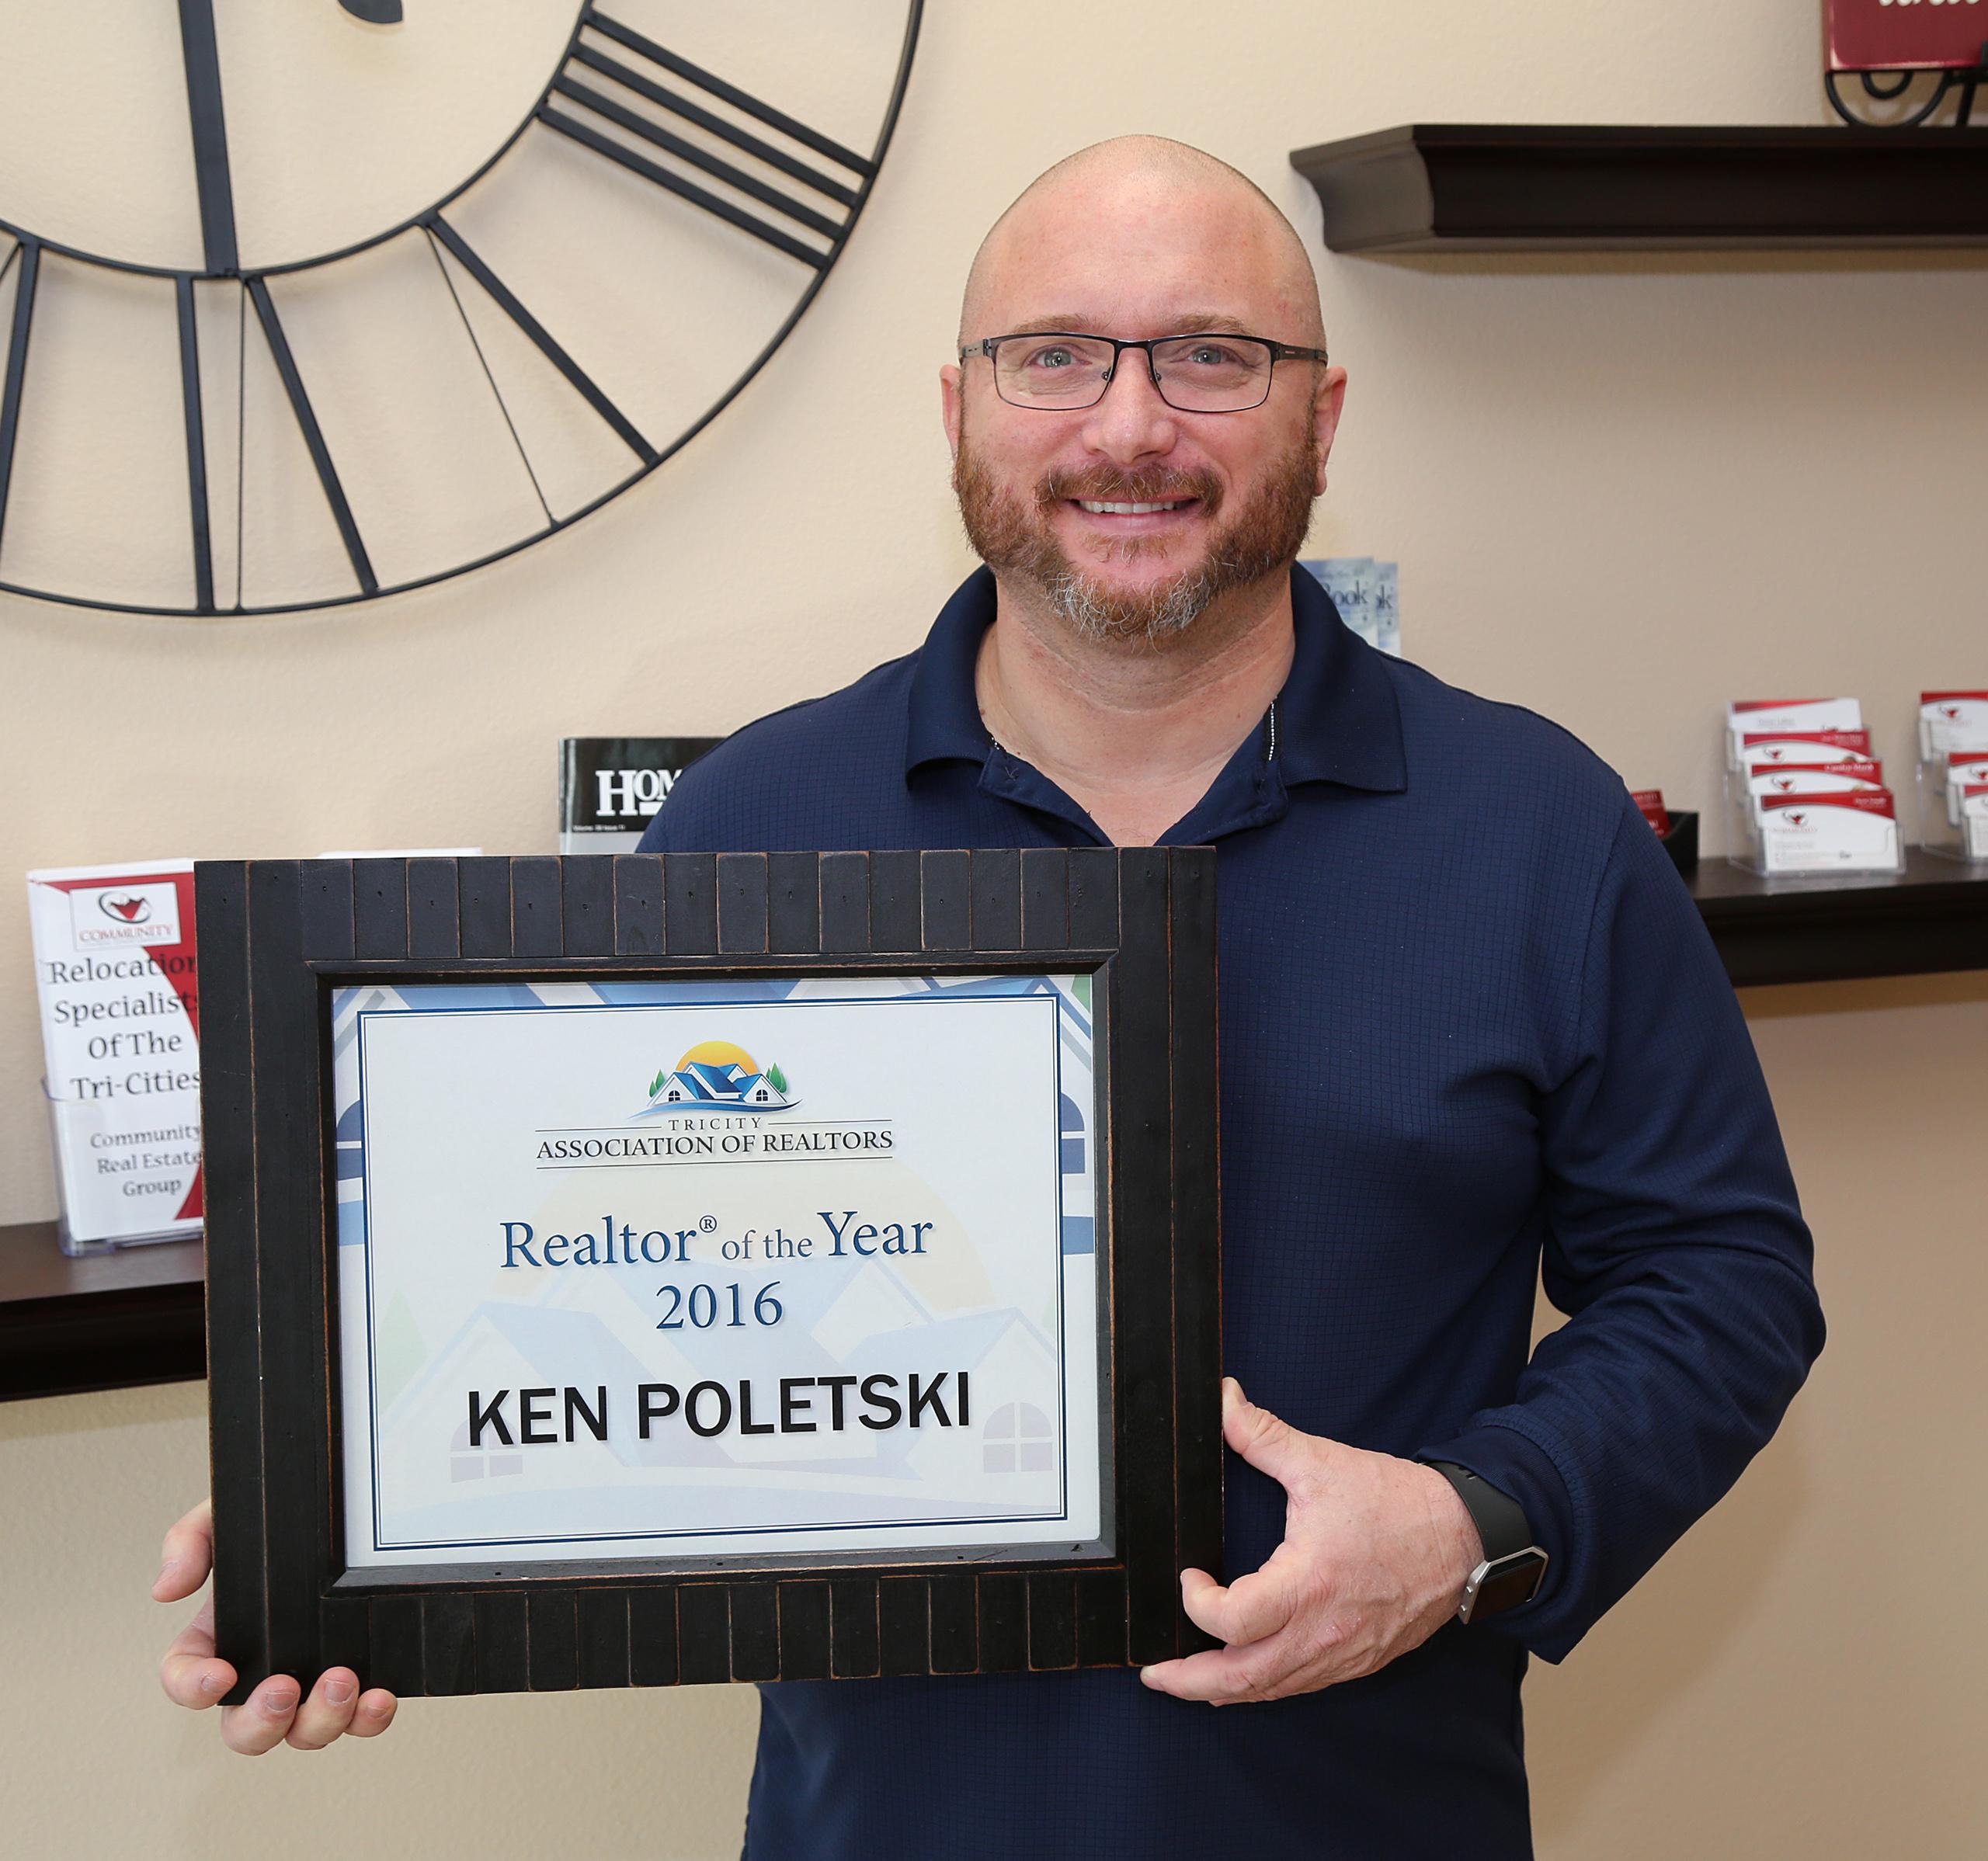 Ken Poletski